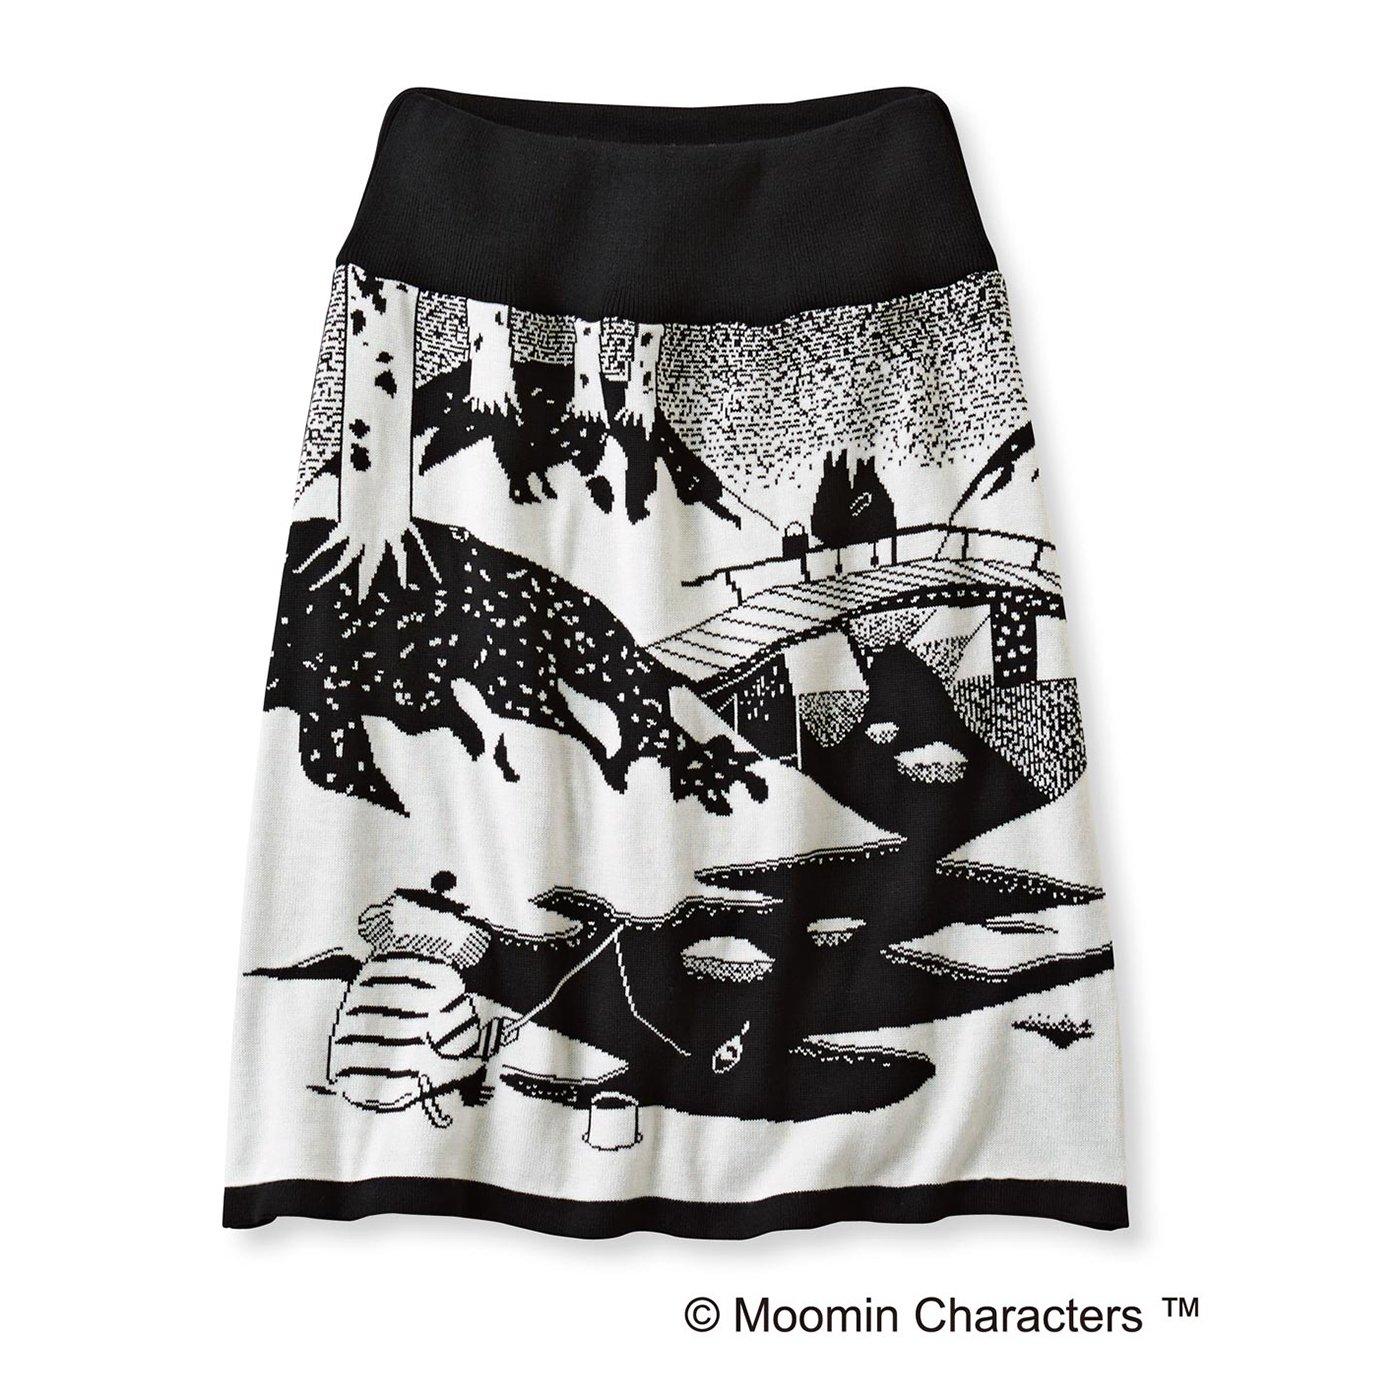 ムーミンと仲間たち 雪の日柄のインナーパンツ付き ニットスカート(おしゃまさん)